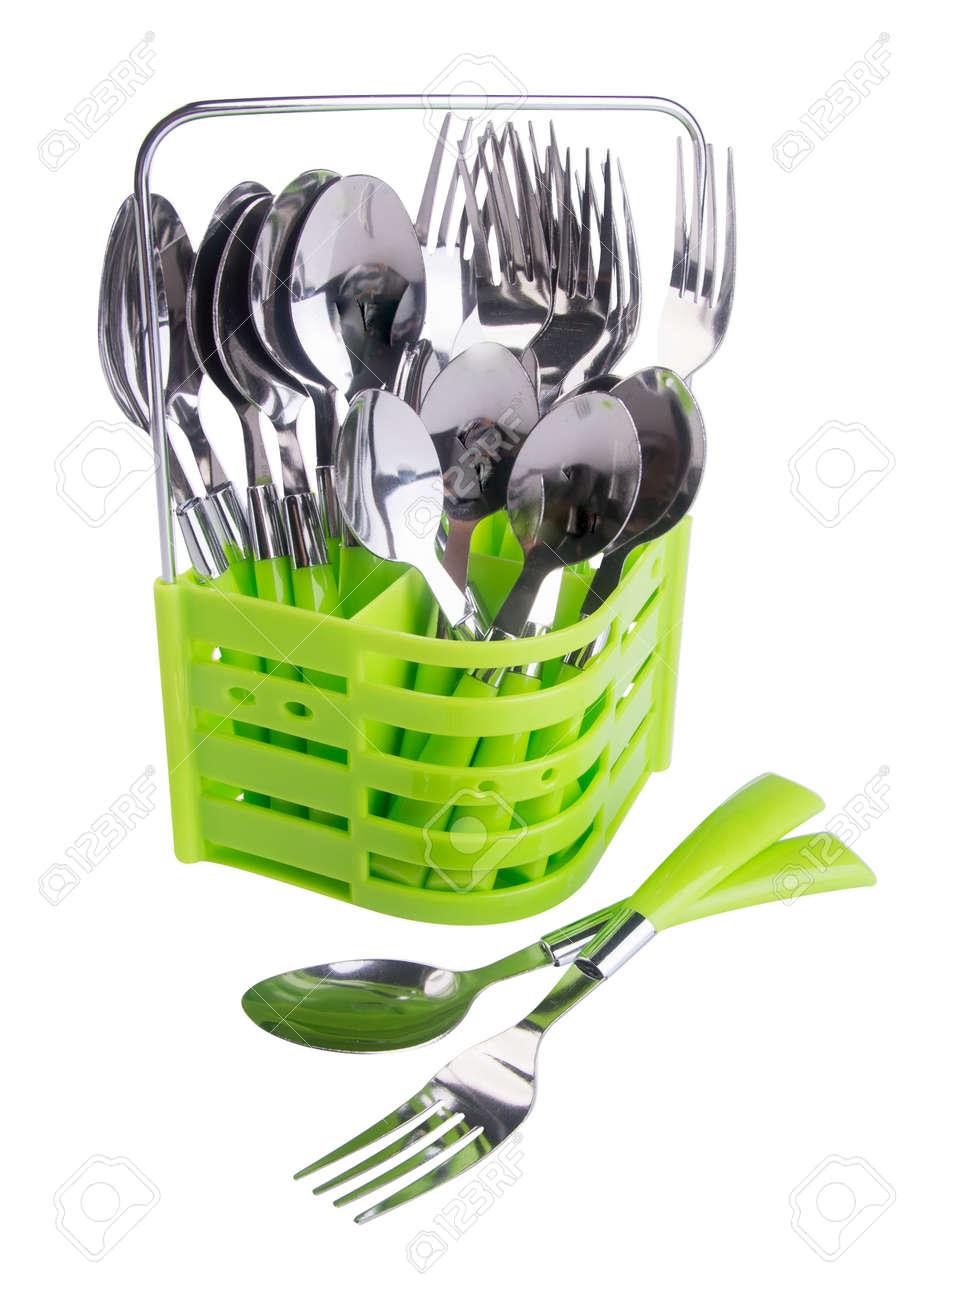 Fein Kreative Küchengerät Halter Ideen - Küchenschrank Ideen ...